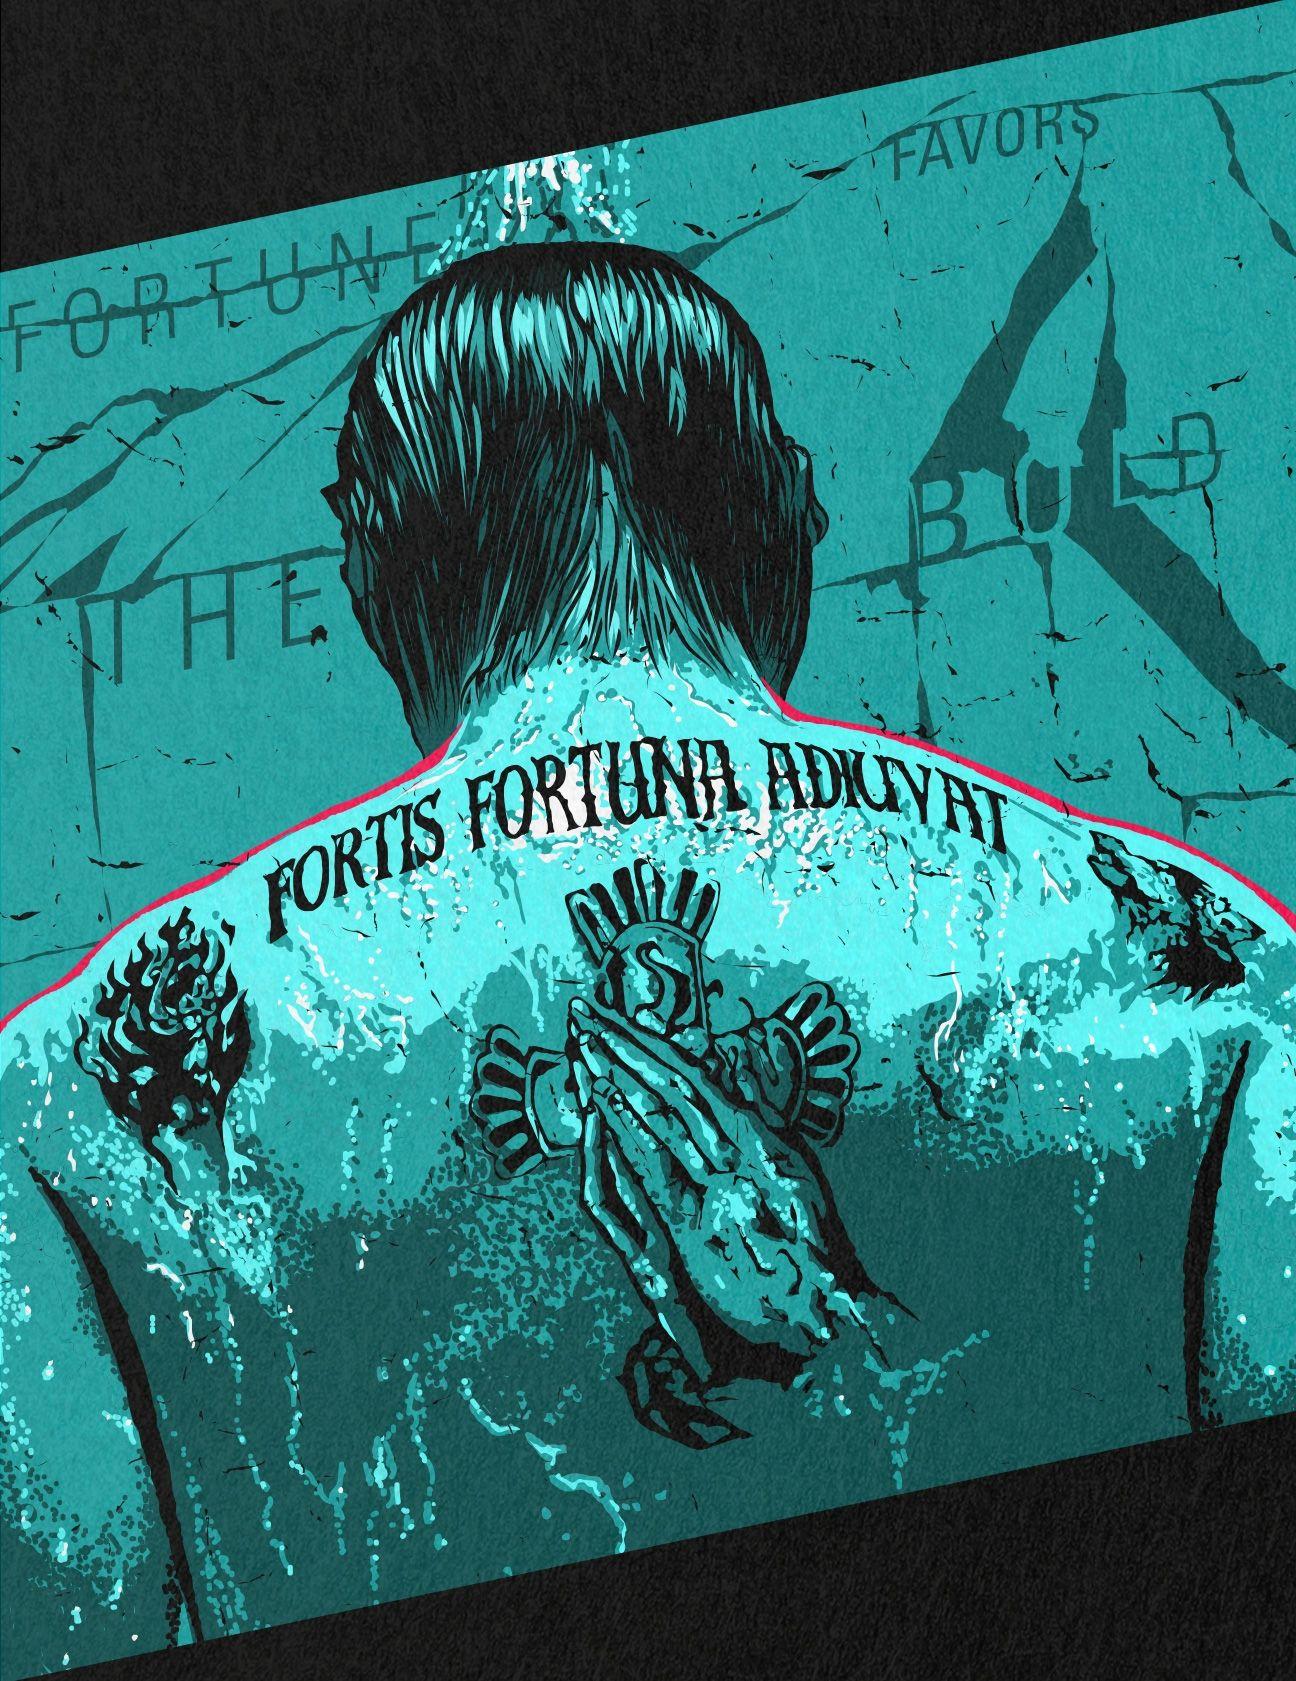 John Wicks Tattoo : wicks, tattoo, Decorativo:, Fortis, Fortuna, Adiuvat, Tattoo